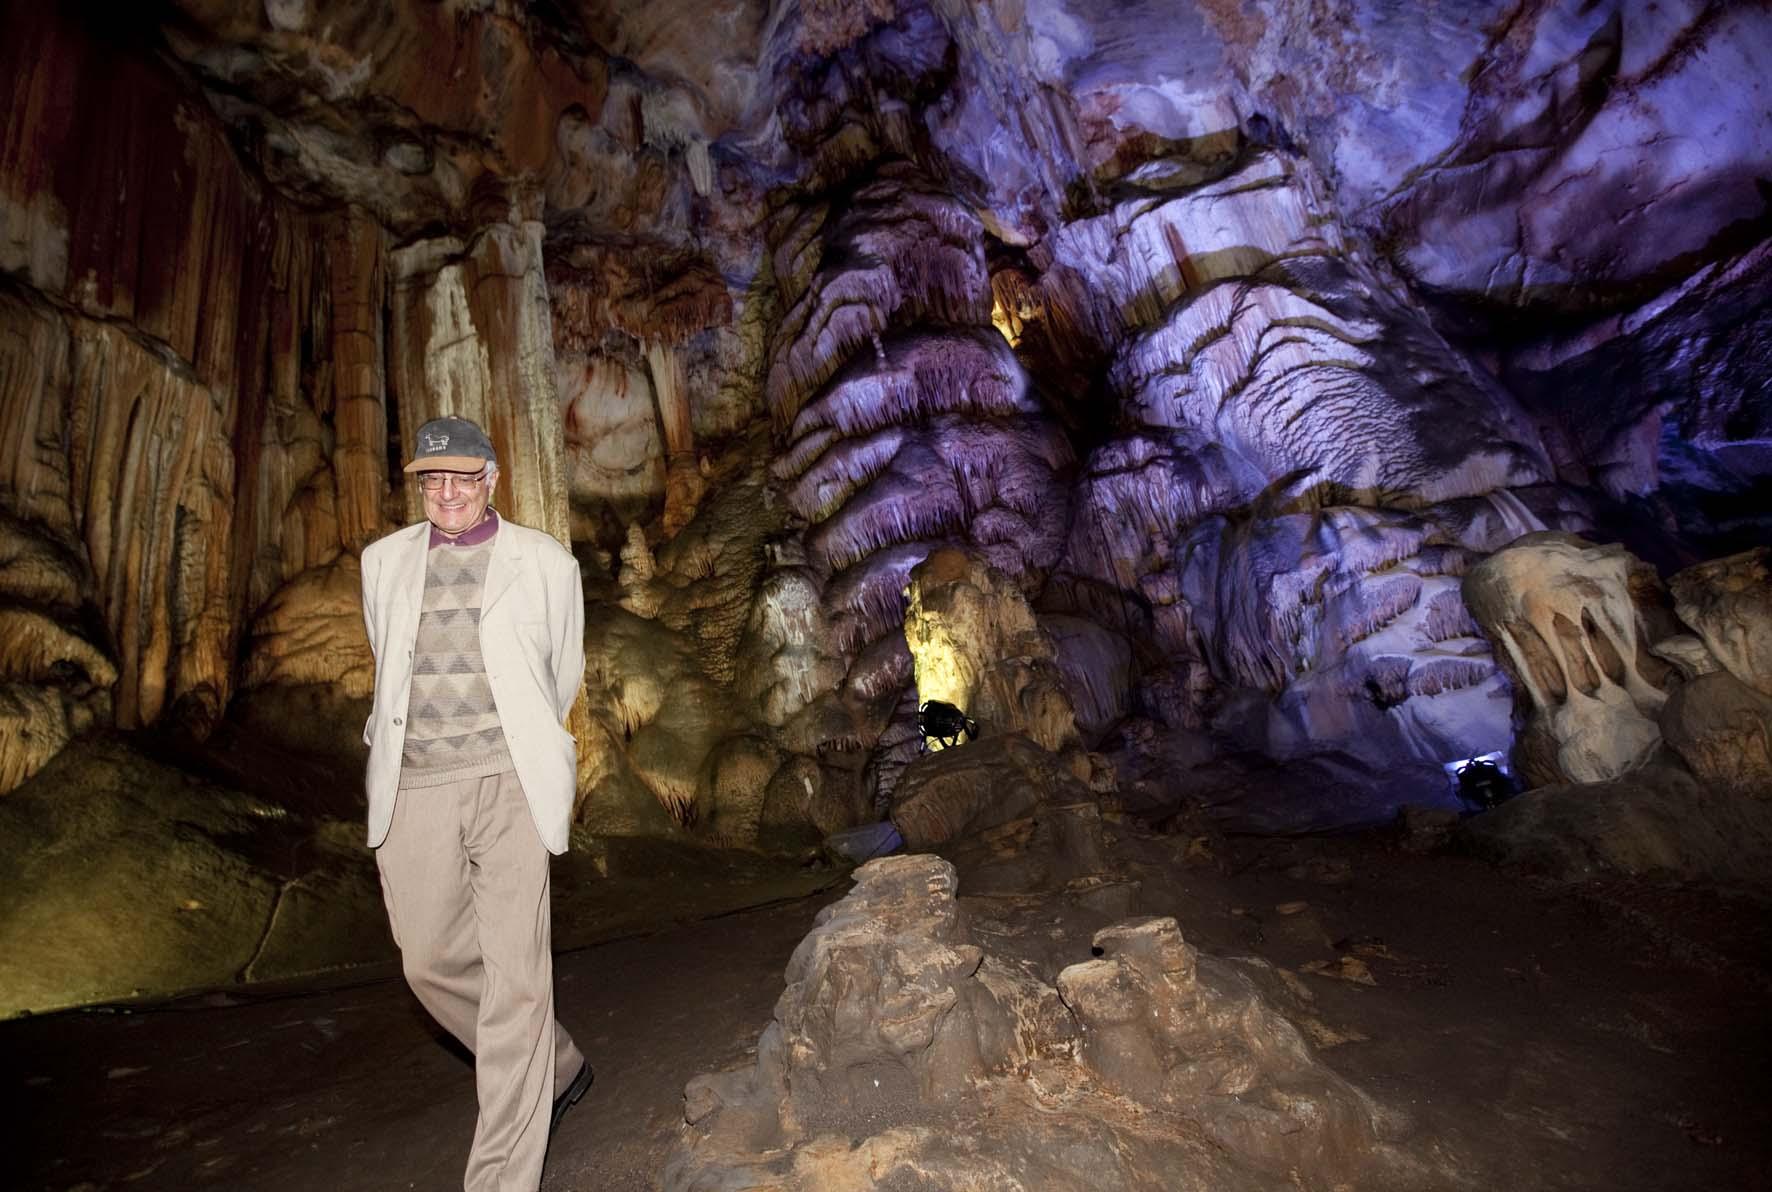 Jean Clottes en la cueva de Candamo. 10 de agosto de 2014. © Miki López/La Nueva España